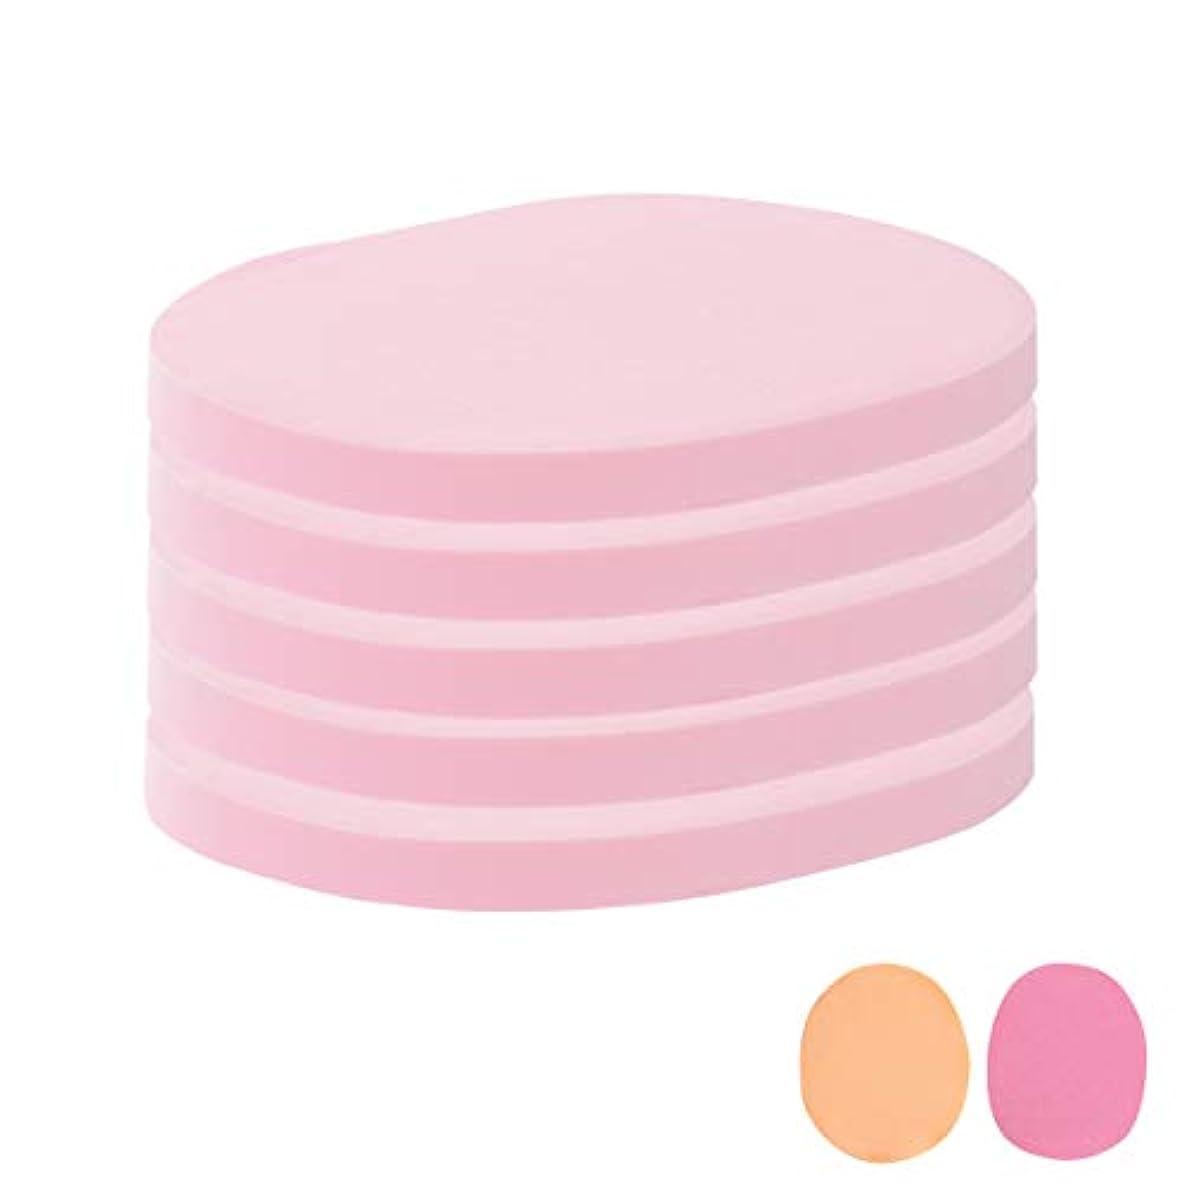 遅らせる処方不利益フェイシャルスポンジ 全4種 10mm厚 (きめ細かい) 5枚入 ピンク [ フェイススポンジ マッサージスポンジ フェイシャル フェイス 顔用 洗顔 エステ スポンジ パフ クレンジング パック マスク 拭き取り ]